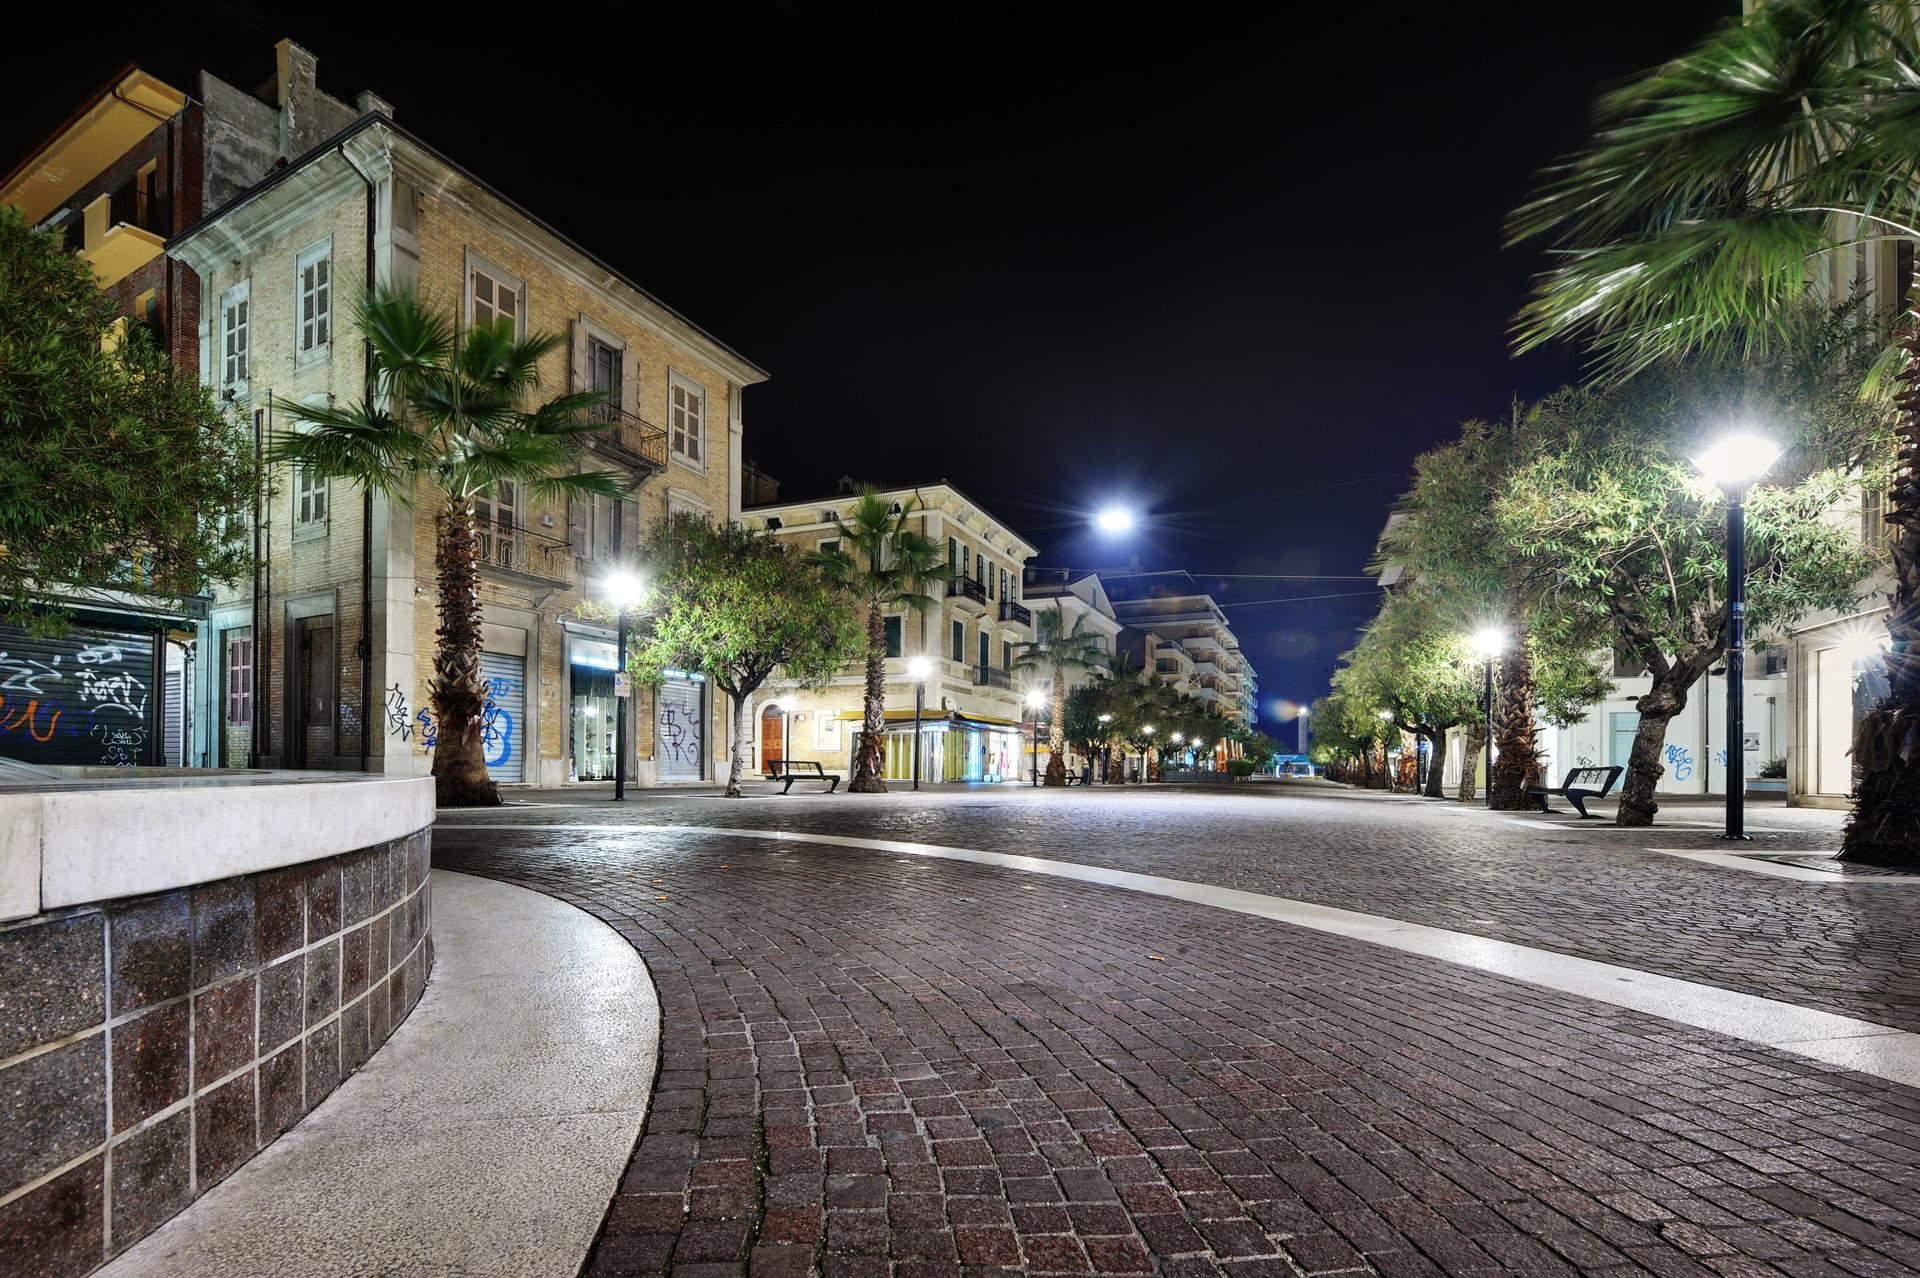 Viale Secondo Moretti, pedestrian zone